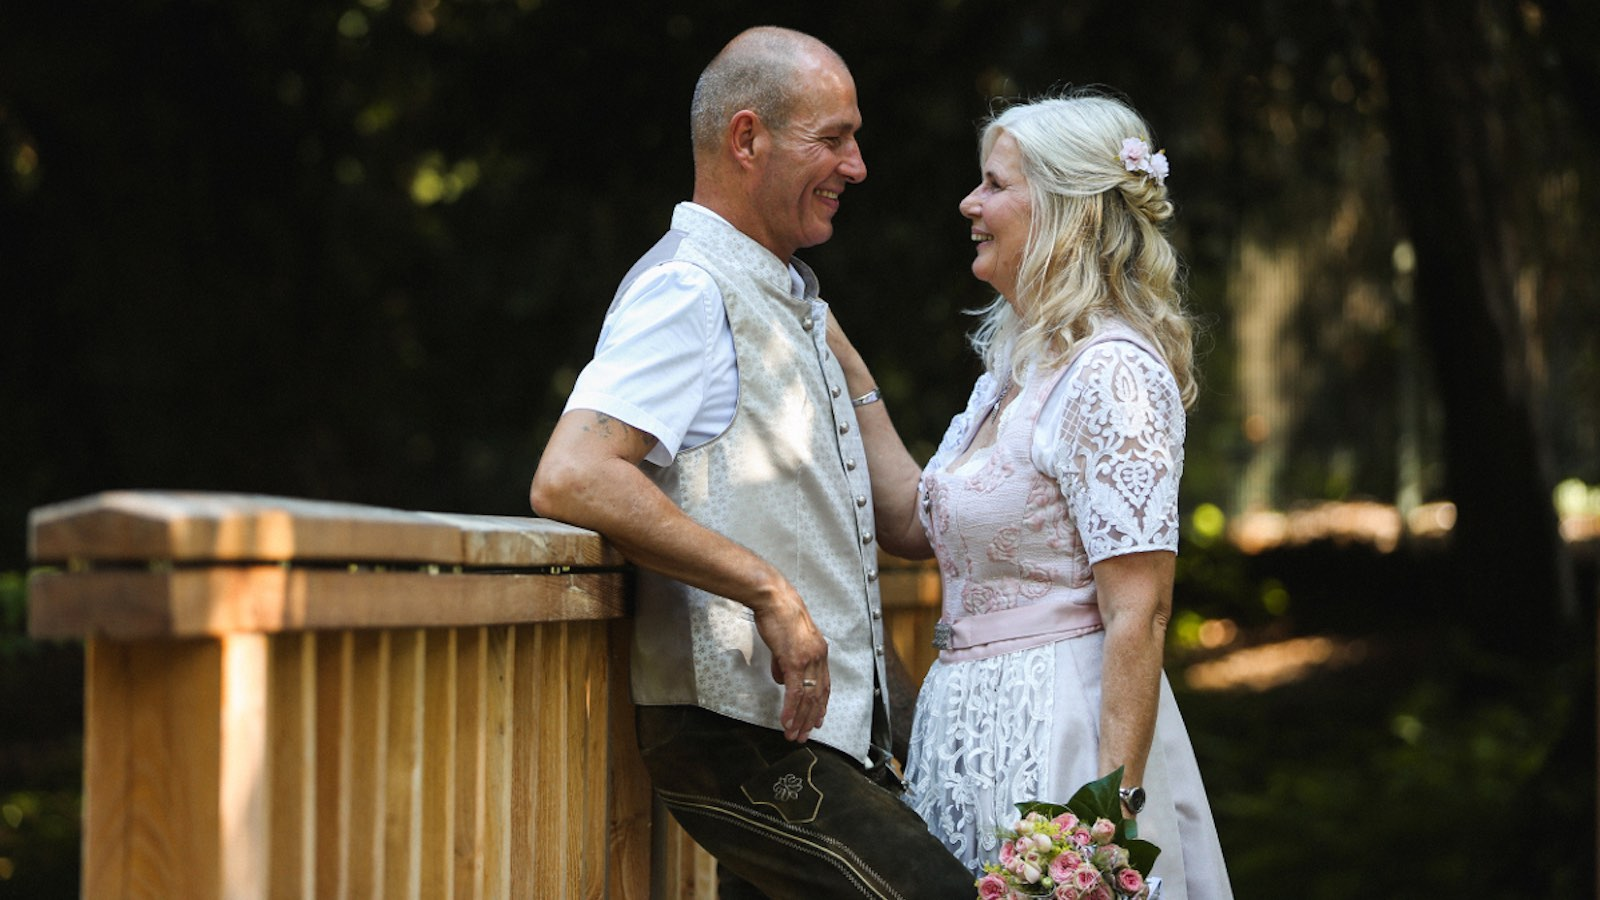 Fotoshooting Brautpaar in Nettetal - Eva Berten Photography